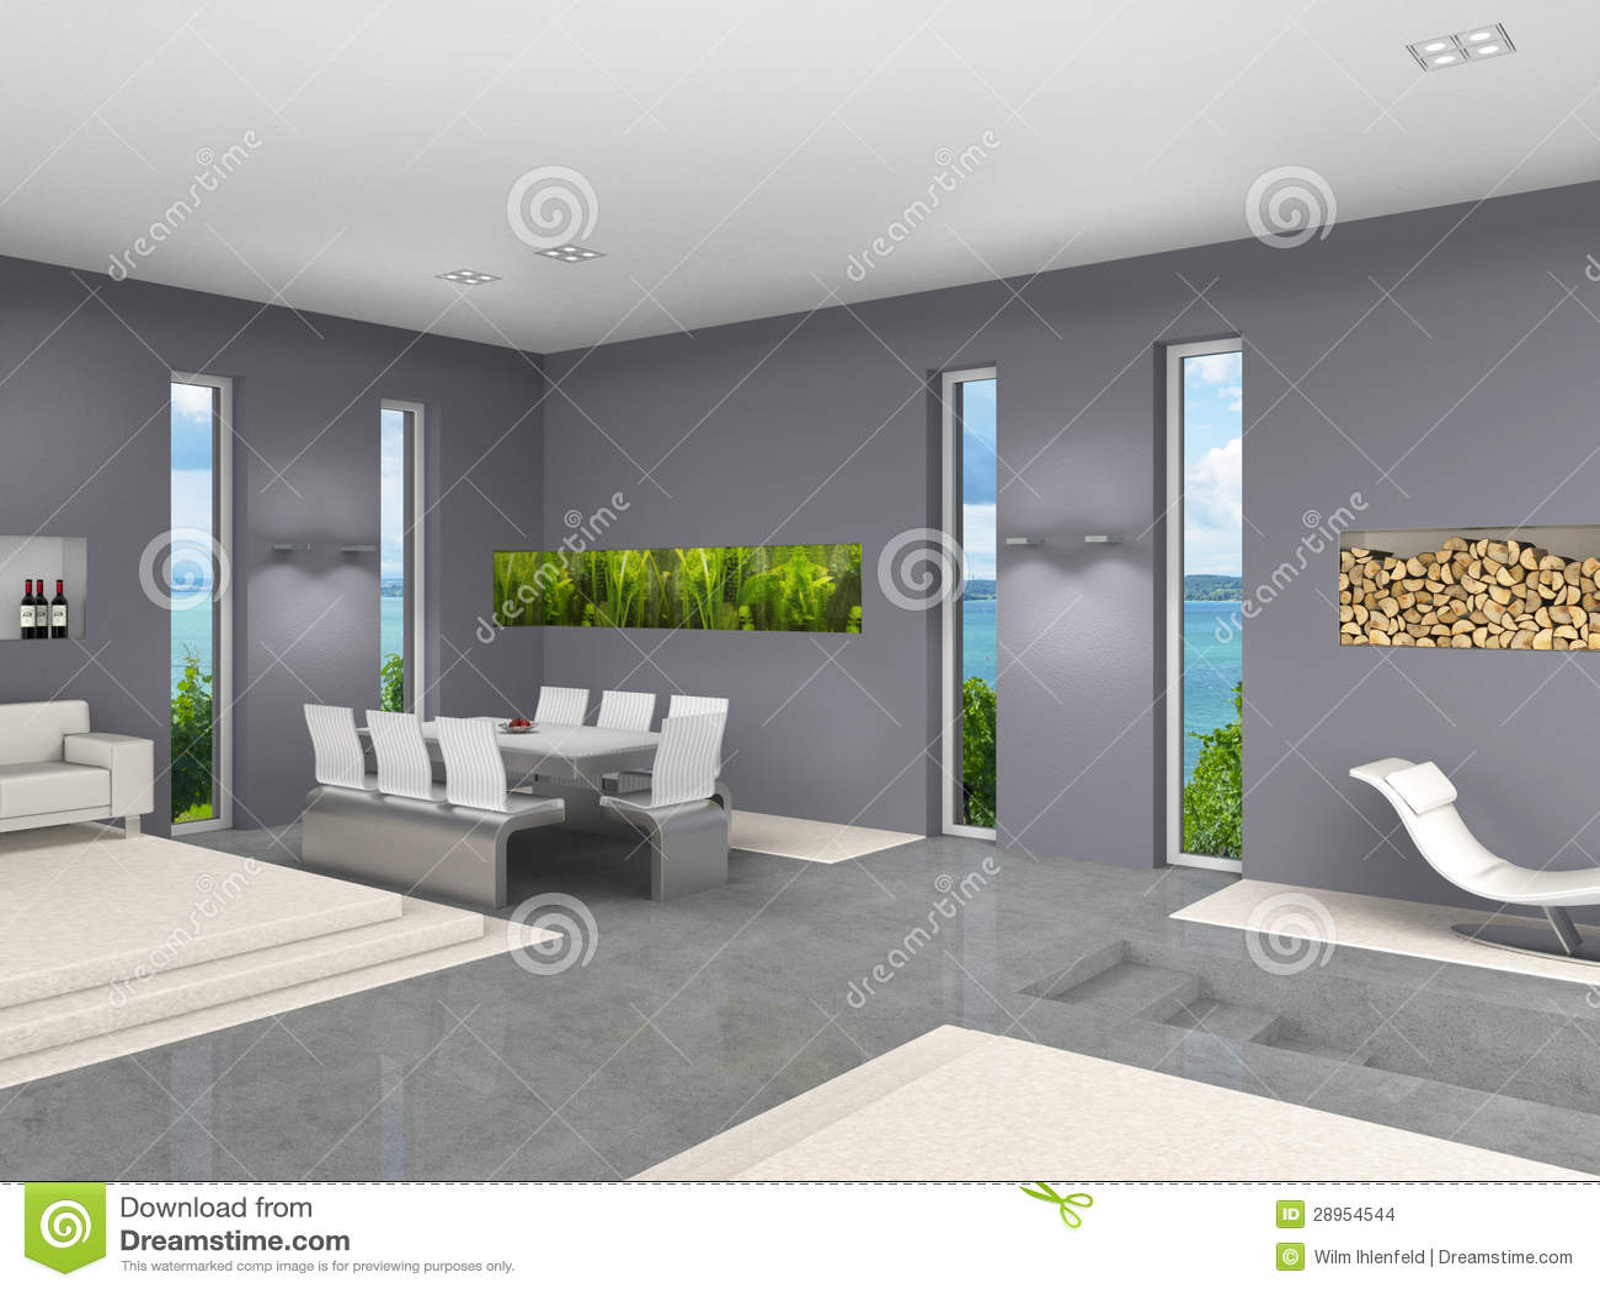 Living Room With Aquarium Stock Images Image 28954544